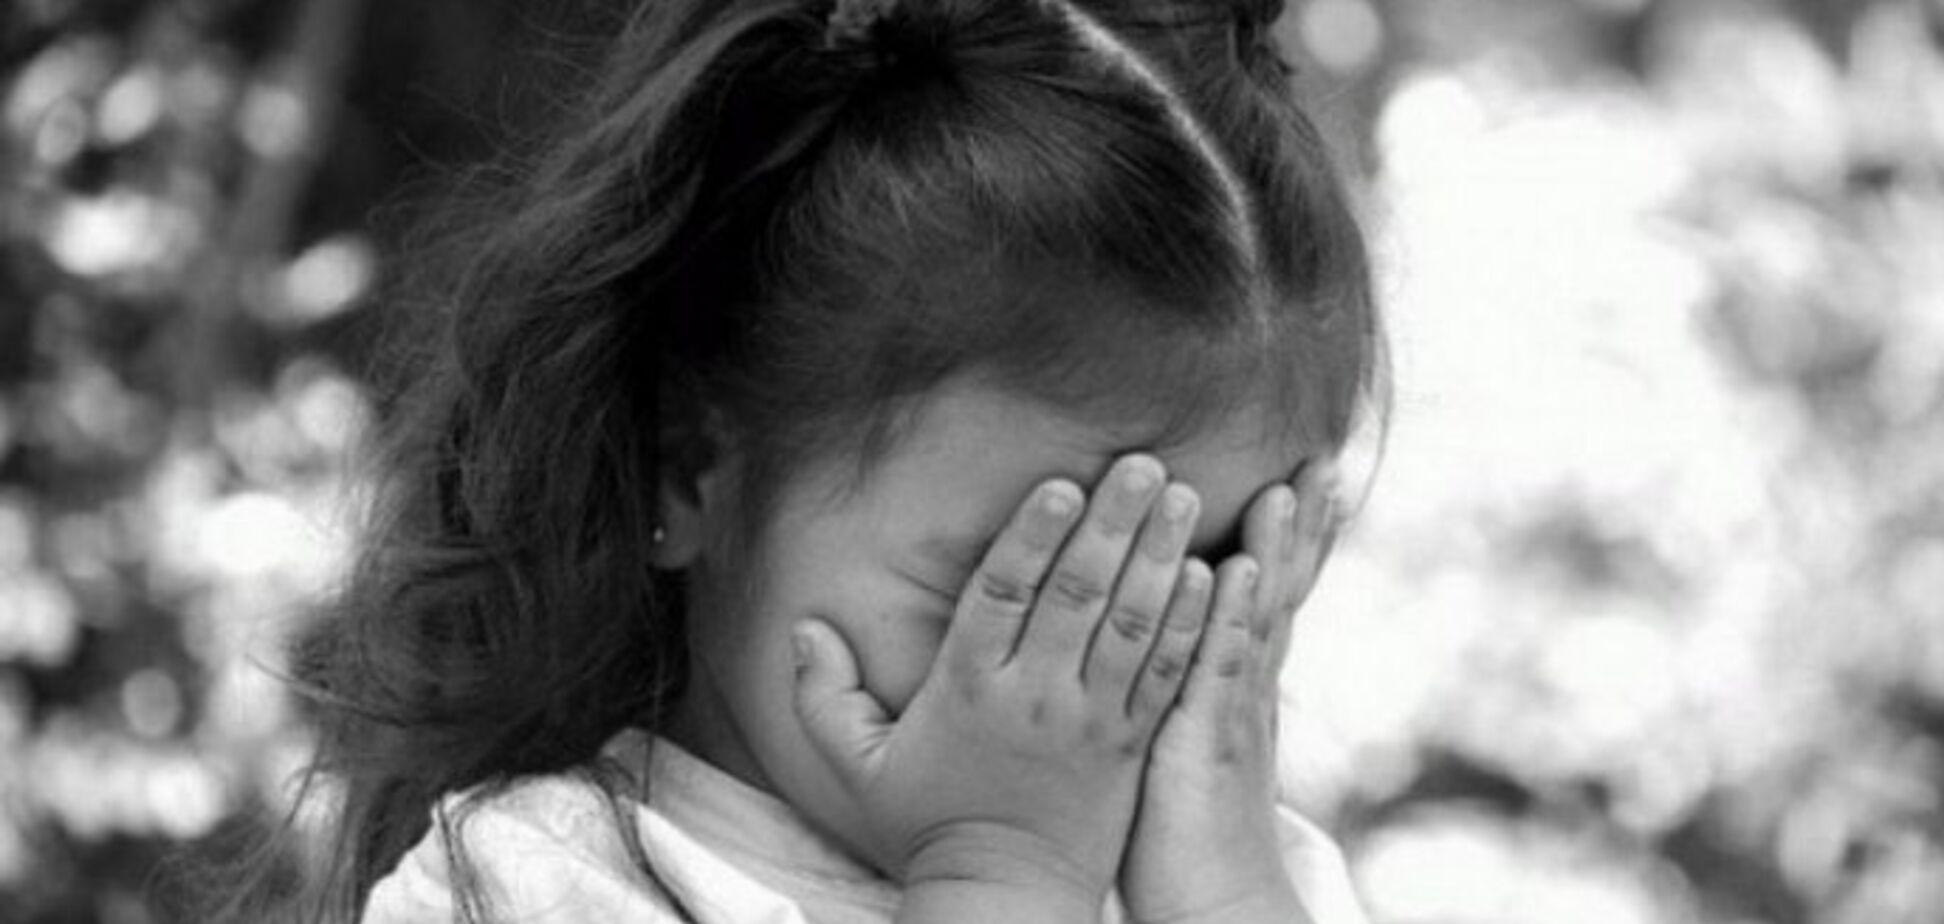 'Воші по голові бігають': в Кривому Розі дівчинка страждає через питущого батька. Фото